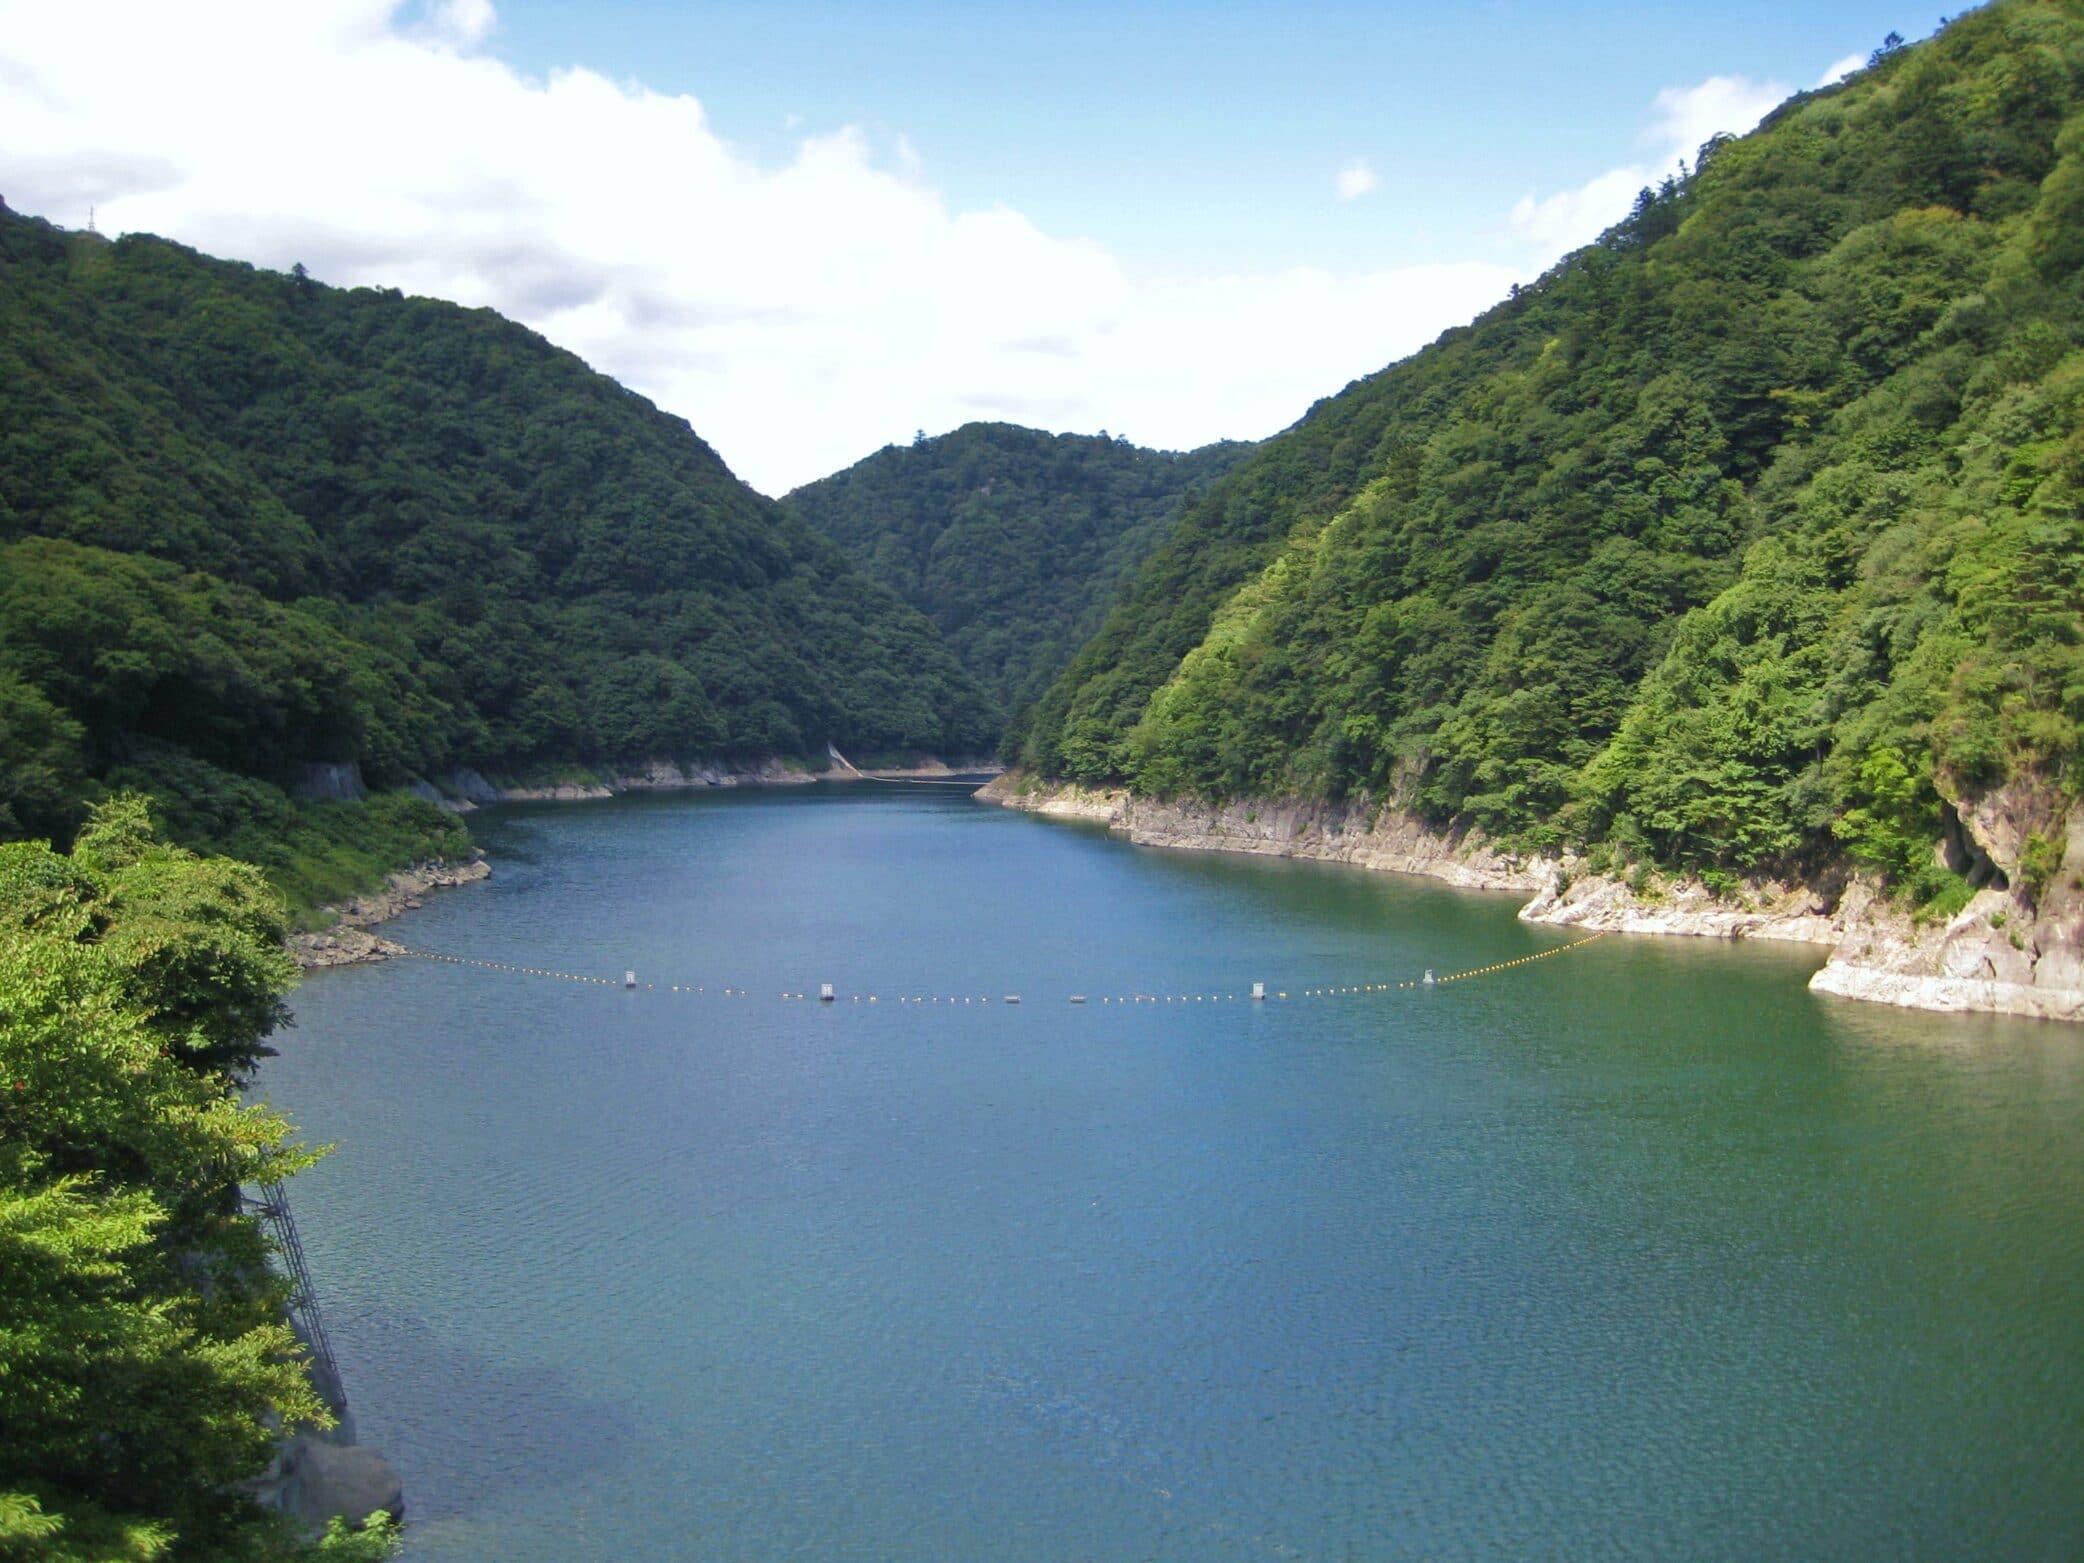 אגם איקארי – קינוגאווה קאוואג'י אונסן – Lake Ikari